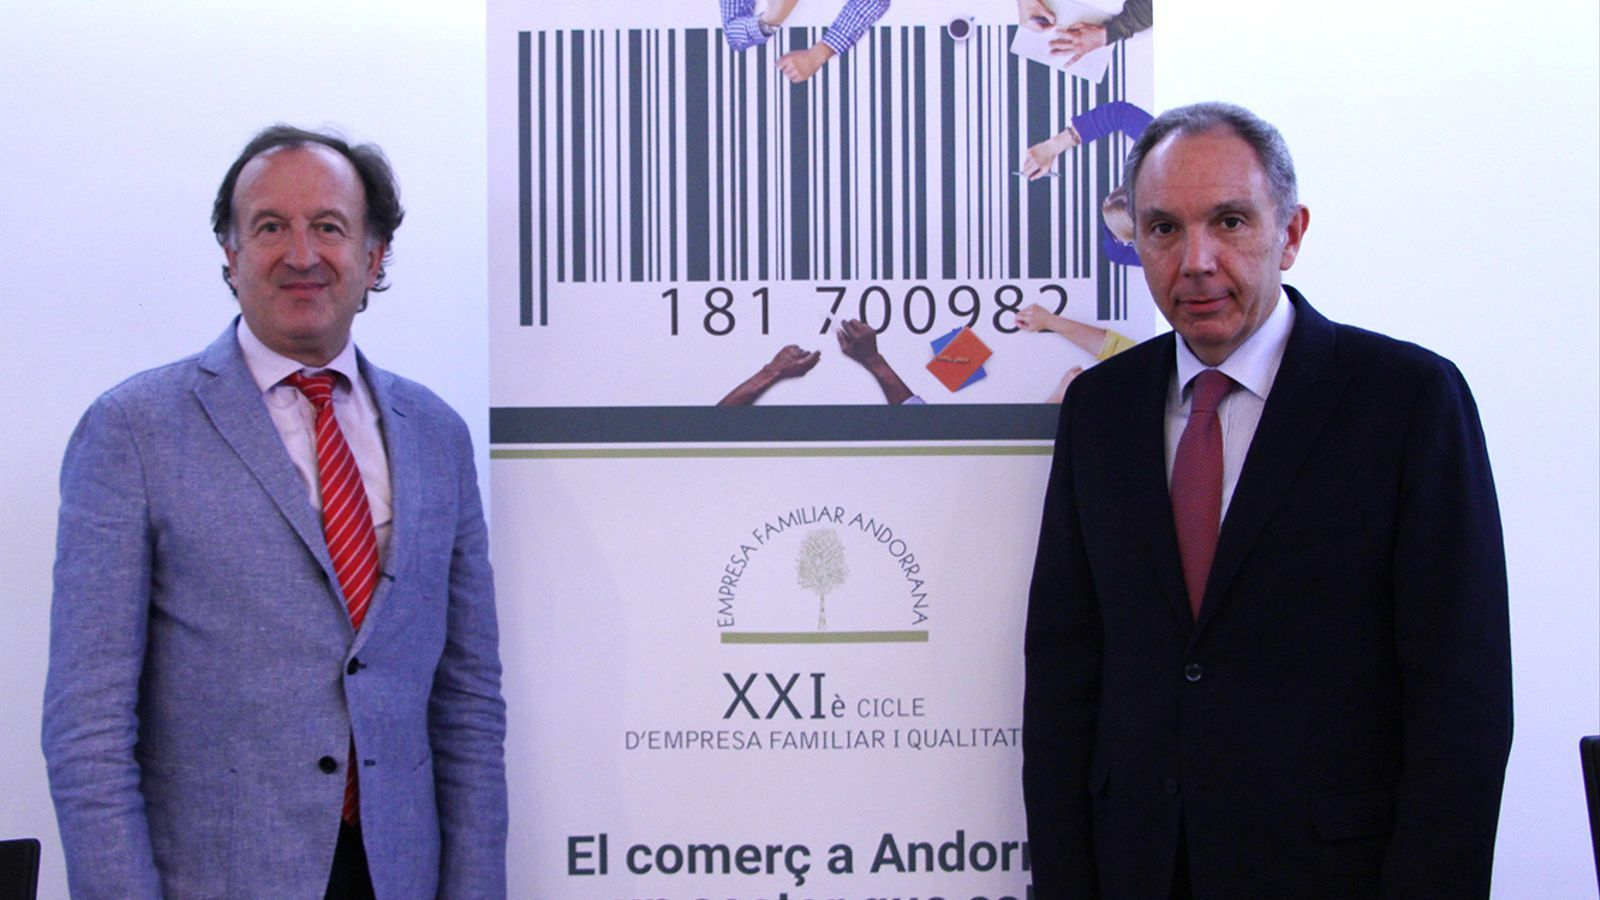 El secretari tècnic de l'EFA, Joan Tomàs, i el president de l'entitat, Francesc Mora, amb el cartell del 21è Cicle EFA que se celebra divendres. / M. F. (ANA)